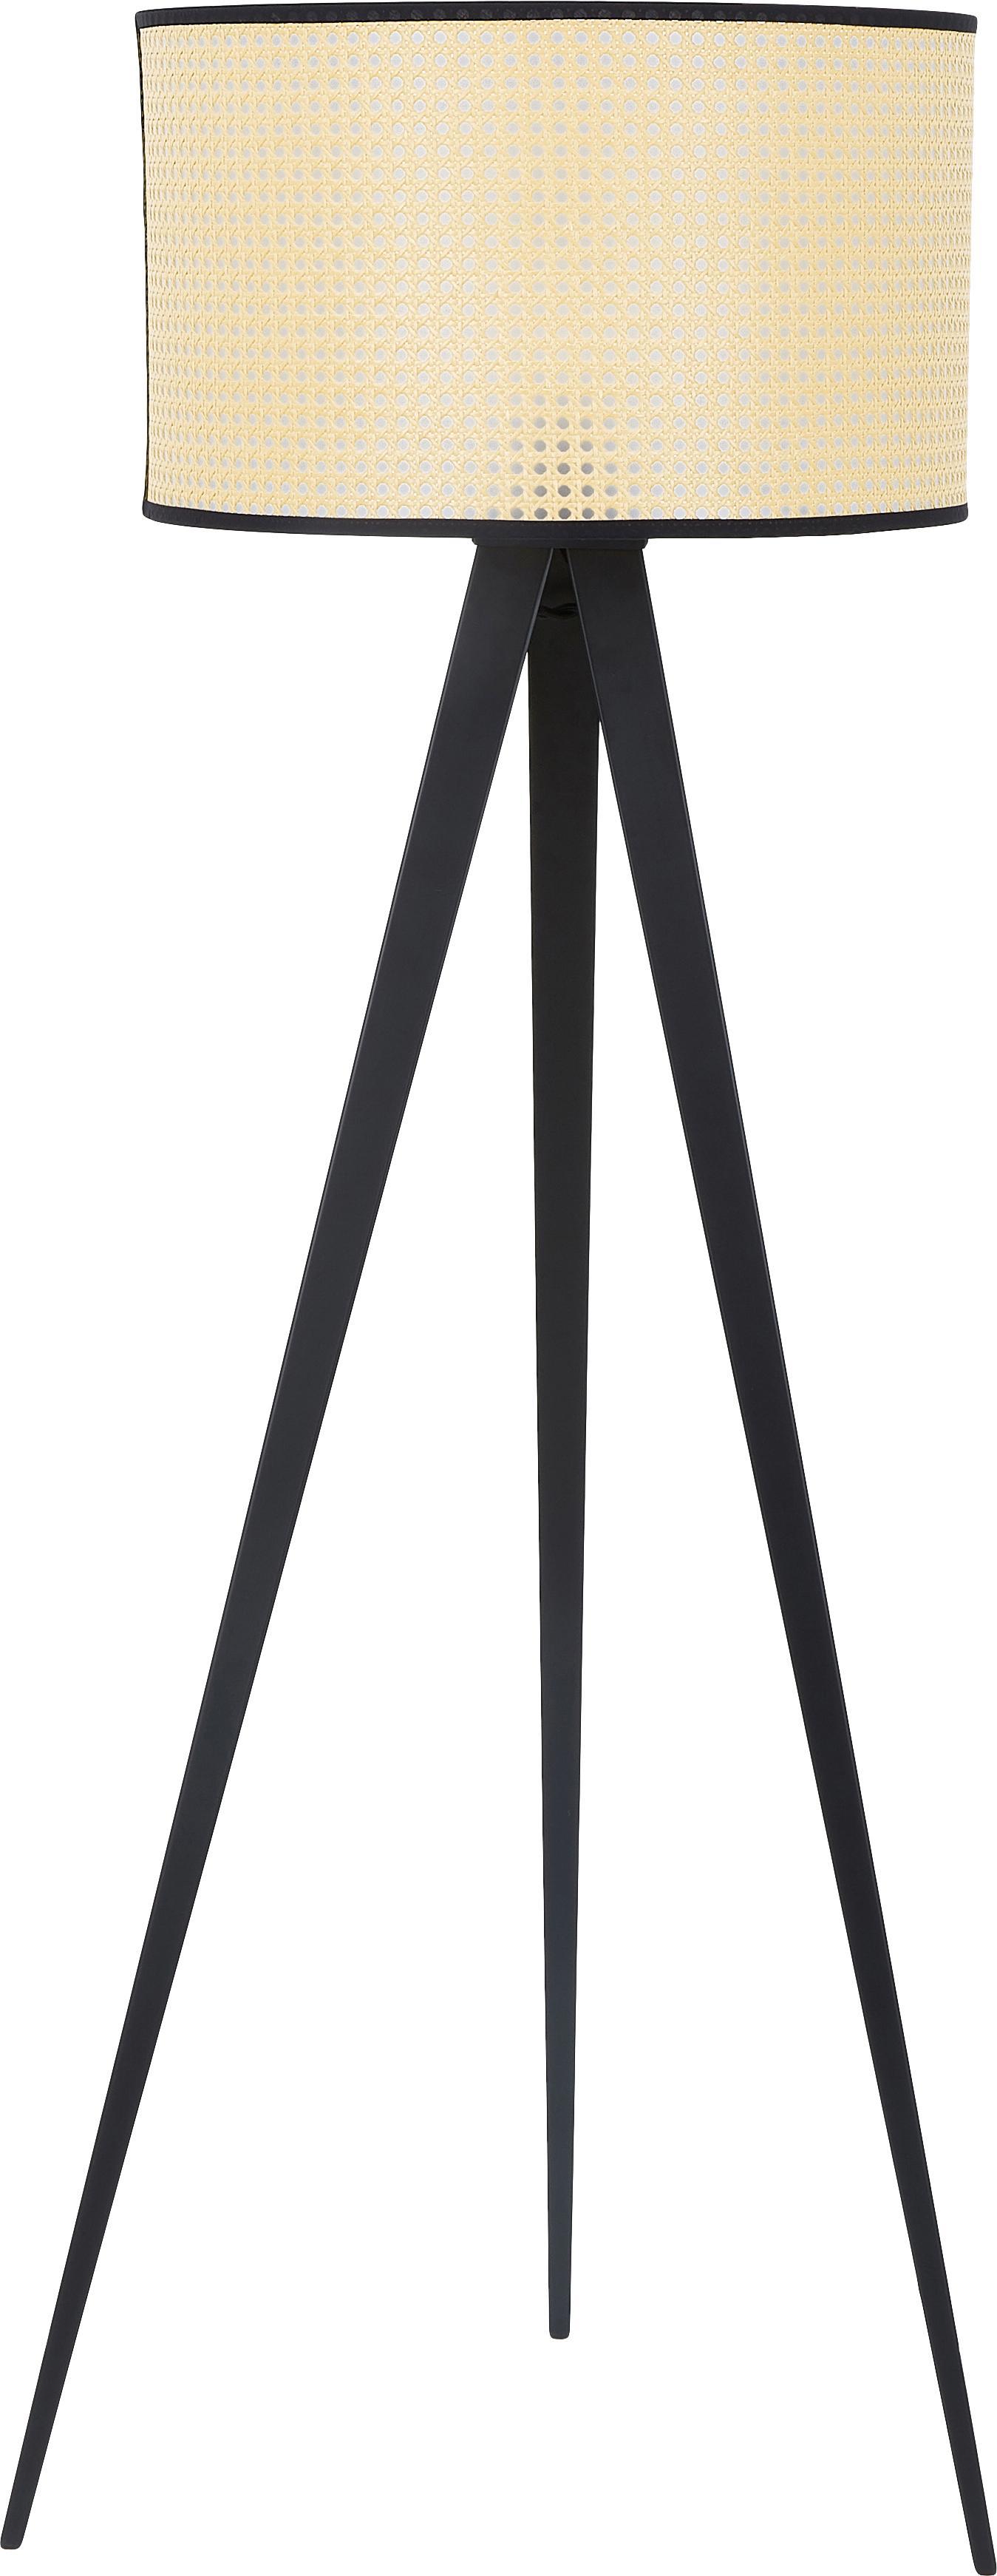 Lampa podłogowa z kloszem z plecionki wiedeńskiej Vienna, Klosz: beżowy, czarny Podstawa lampy: czarny, matowy Kabel: czarny, Ø  50 x W 154 cm